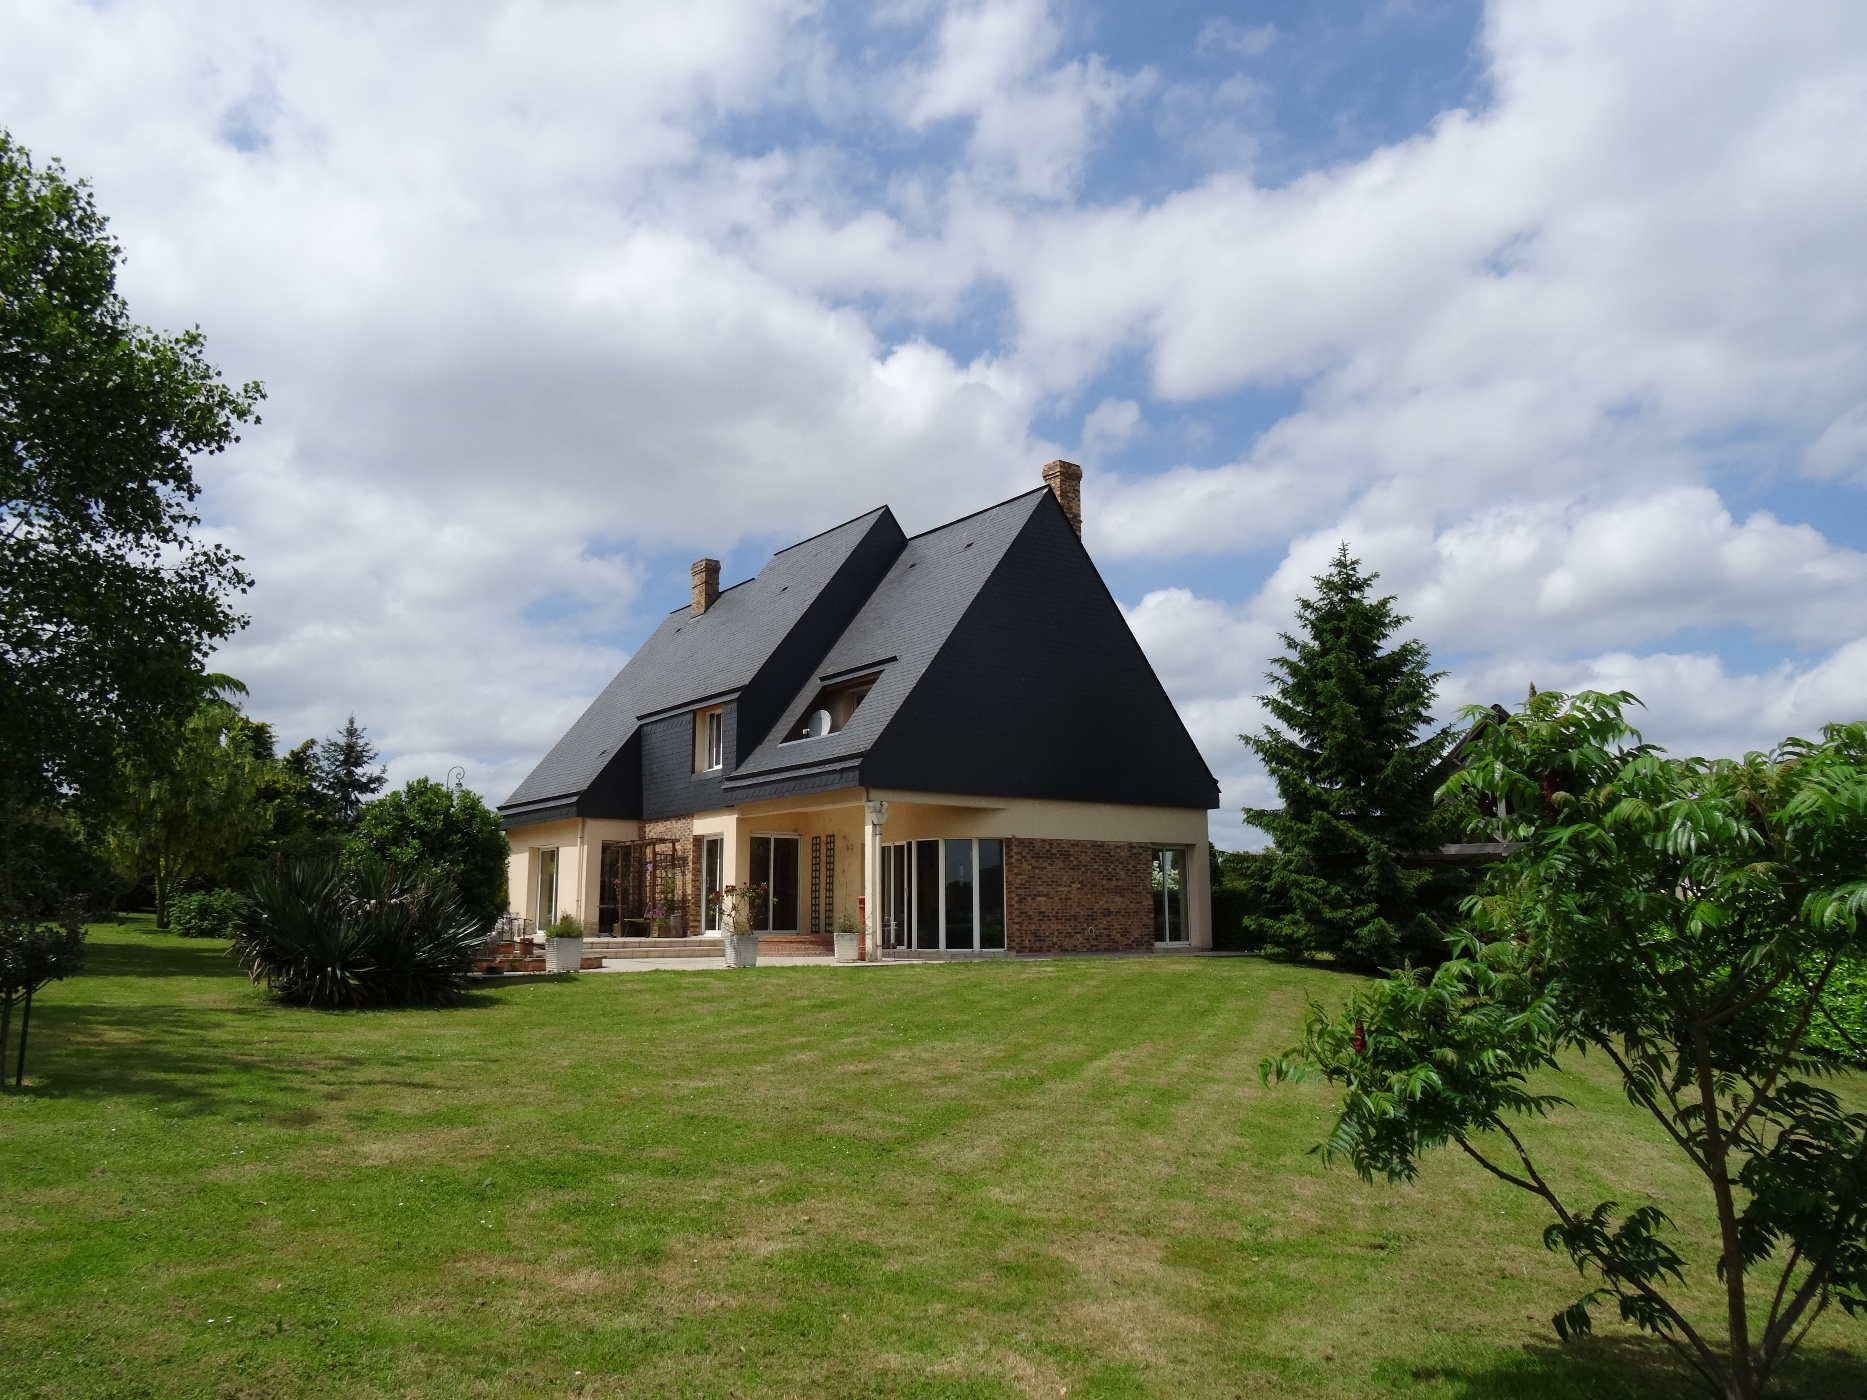 Acheter vente d 39 une maison contemporaine avec une - Vente d une maison ...